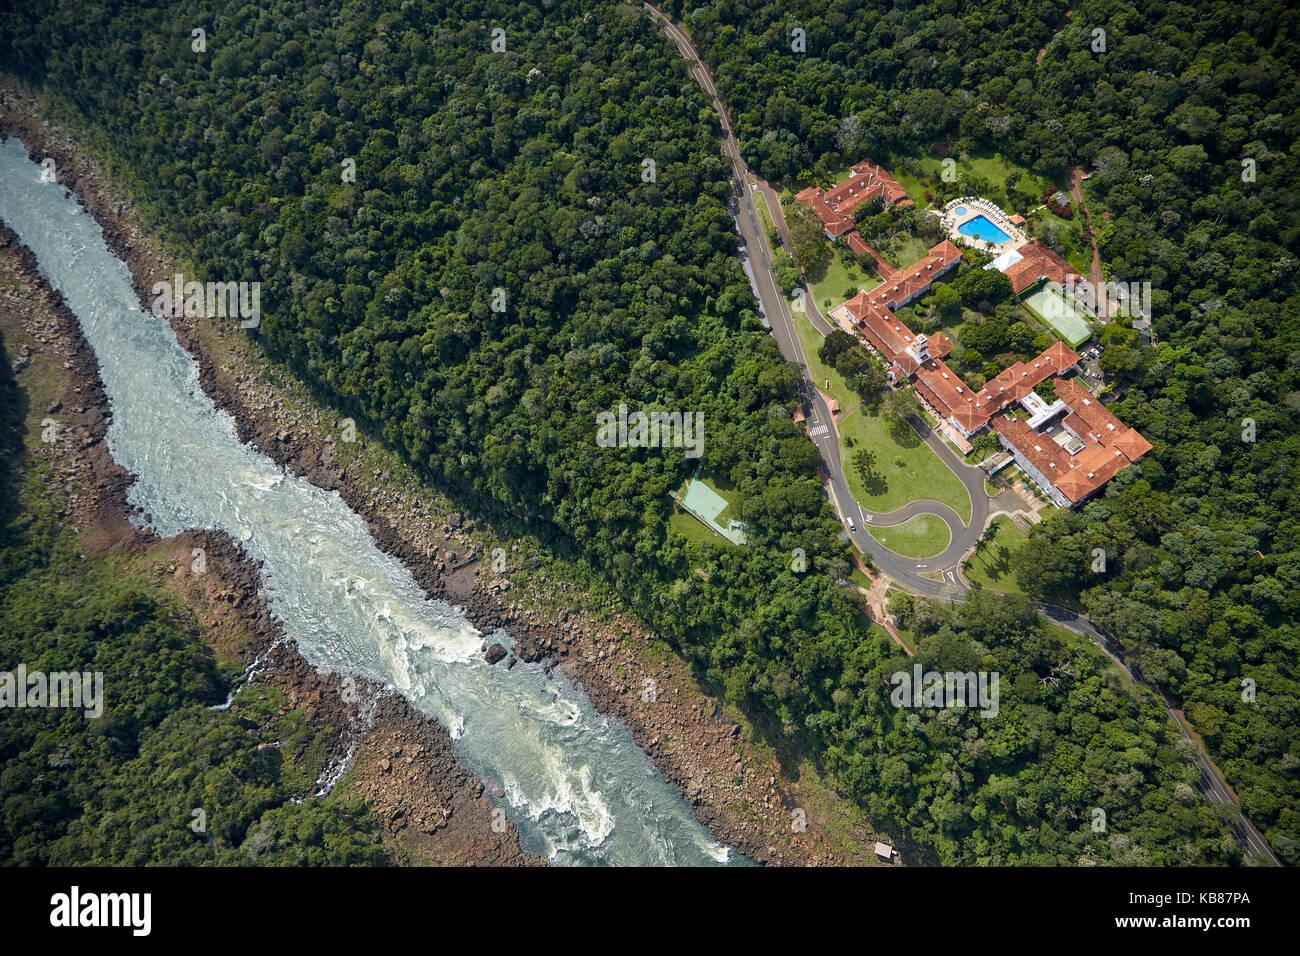 Belmond Hotel das Cataratas, et rivière Iguazu, chutes d'Iguazu, État de Parana, Brésil, Amérique du Sud - aérien Banque D'Images